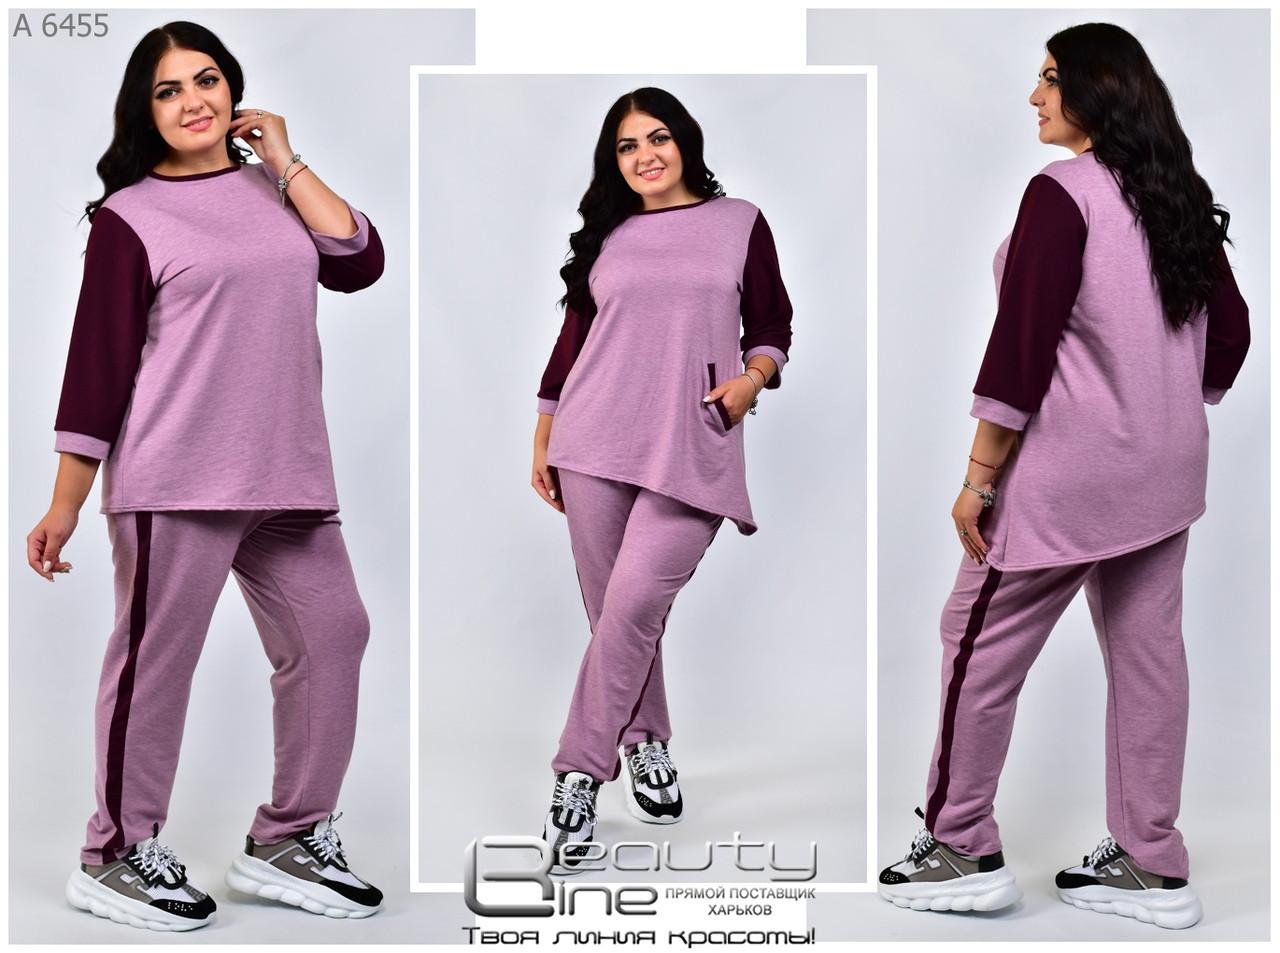 Прогулочный костюм двунитка для полных женщин  Размеры 54.56.58.60.62.64.66